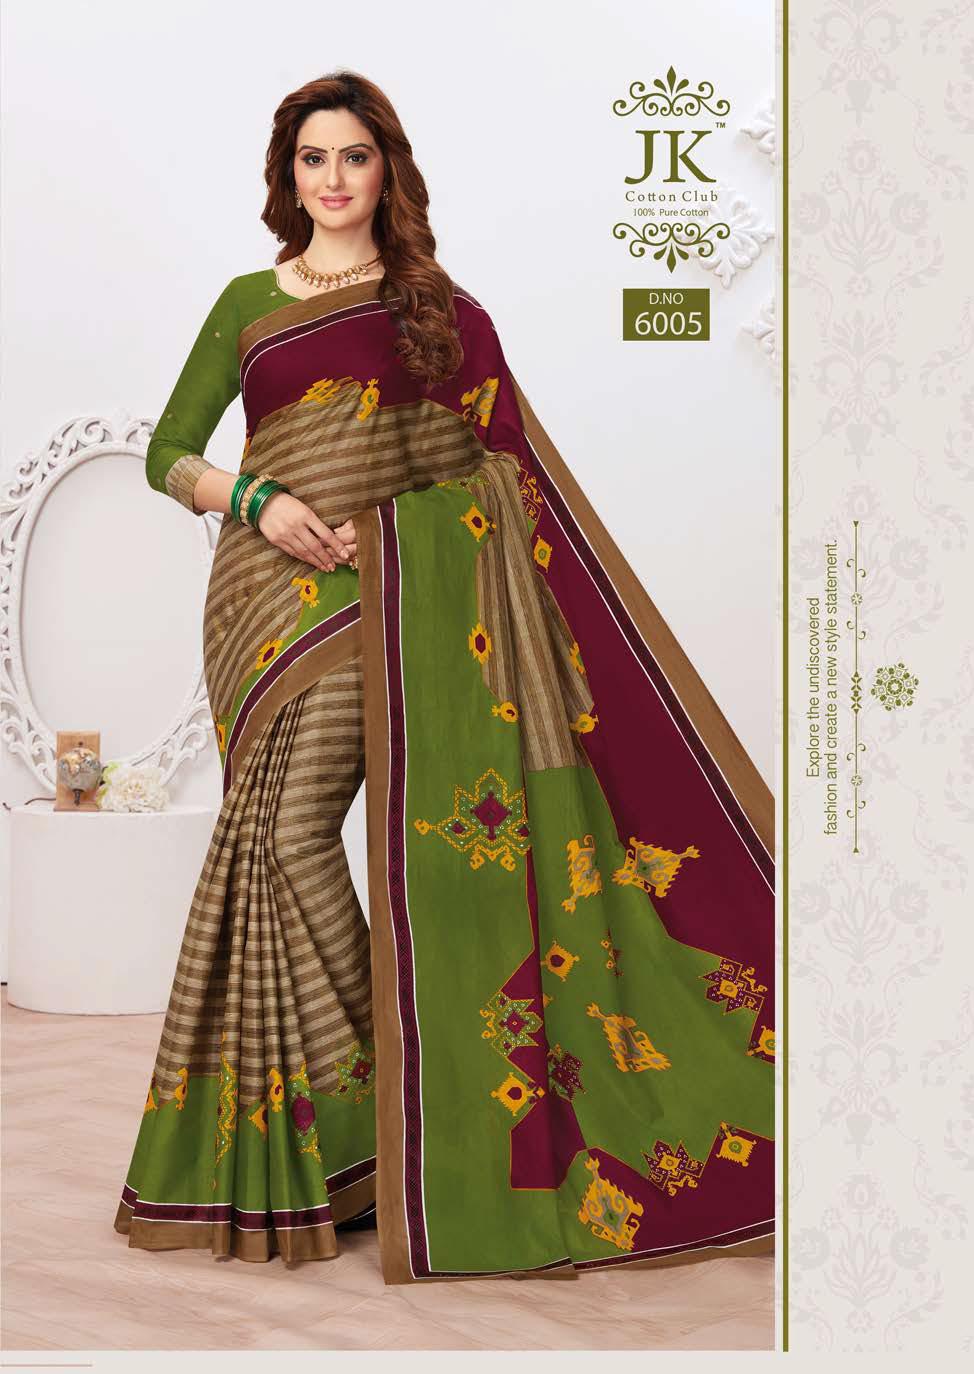 JK Tulsi Vol 6 A Saree Sari Wholesale Catalog 10 Pcs 3 - JK Tulsi Vol 6 A Saree Sari Wholesale Catalog 10 Pcs